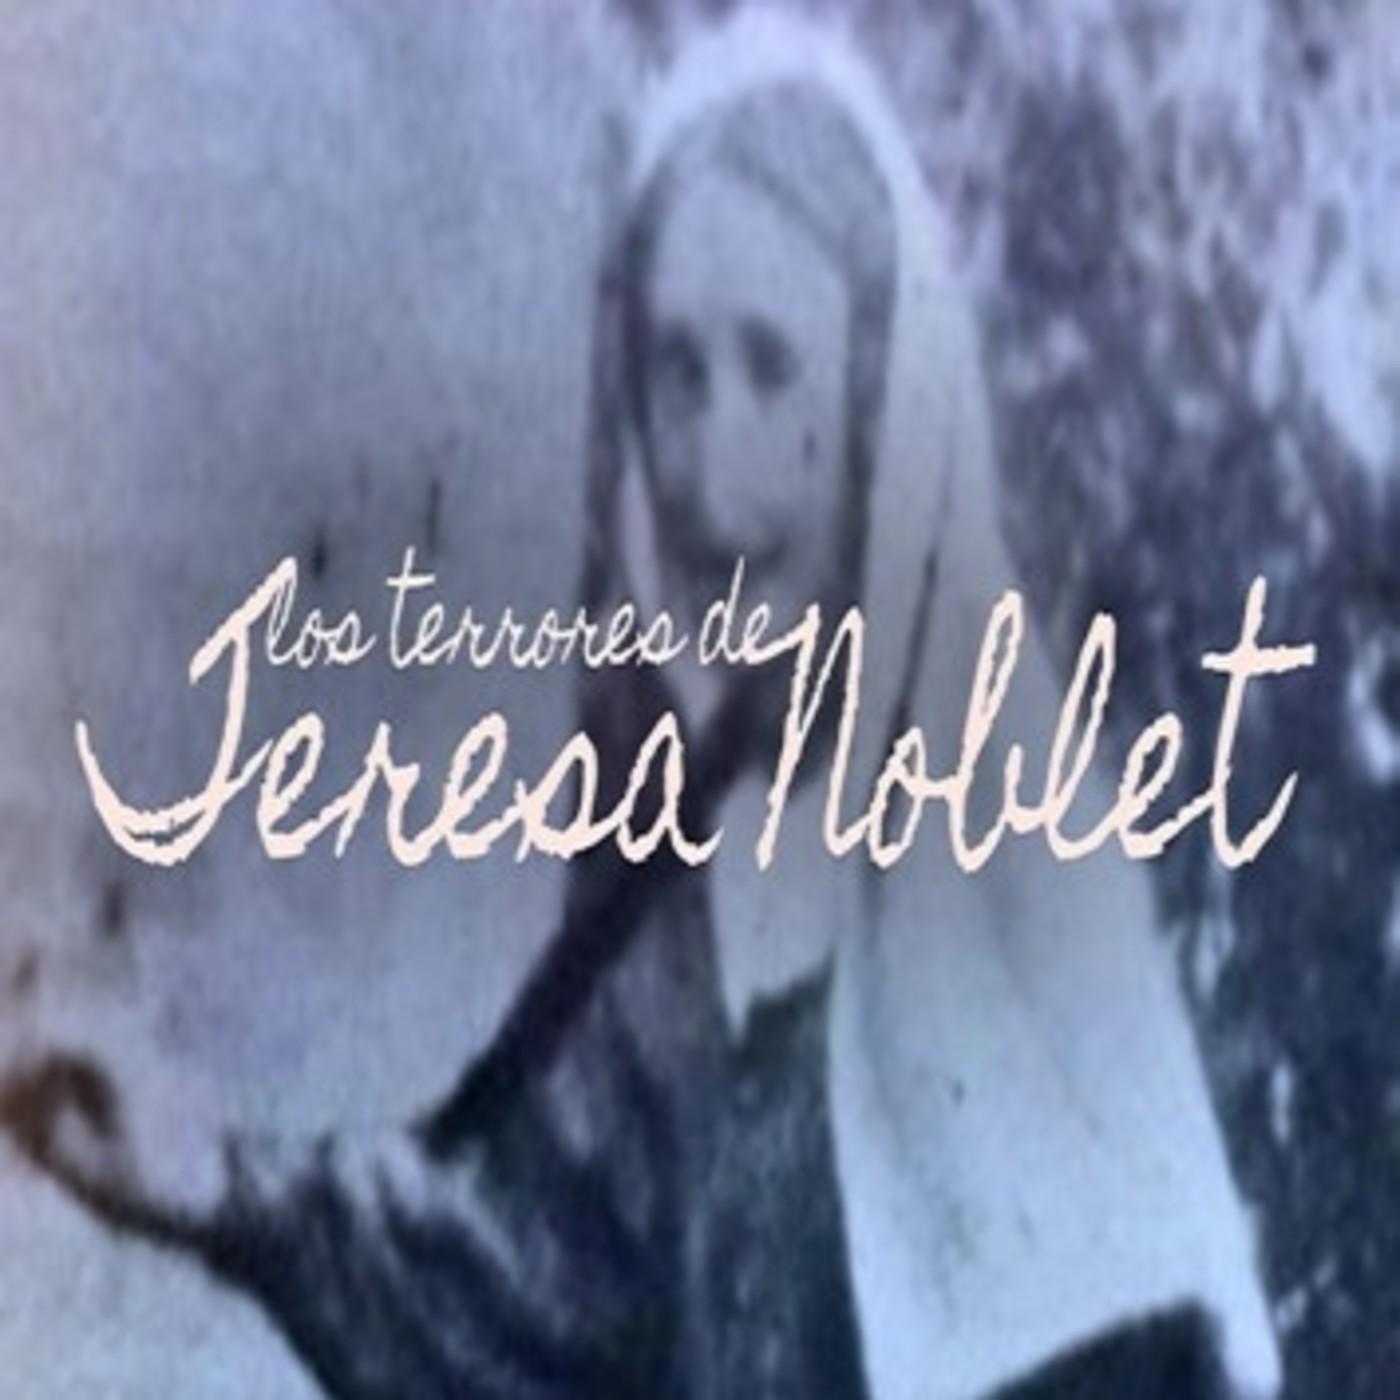 Cuarto milenio: Los terrores de Teresa Noblet en Cuarto Milenio ...